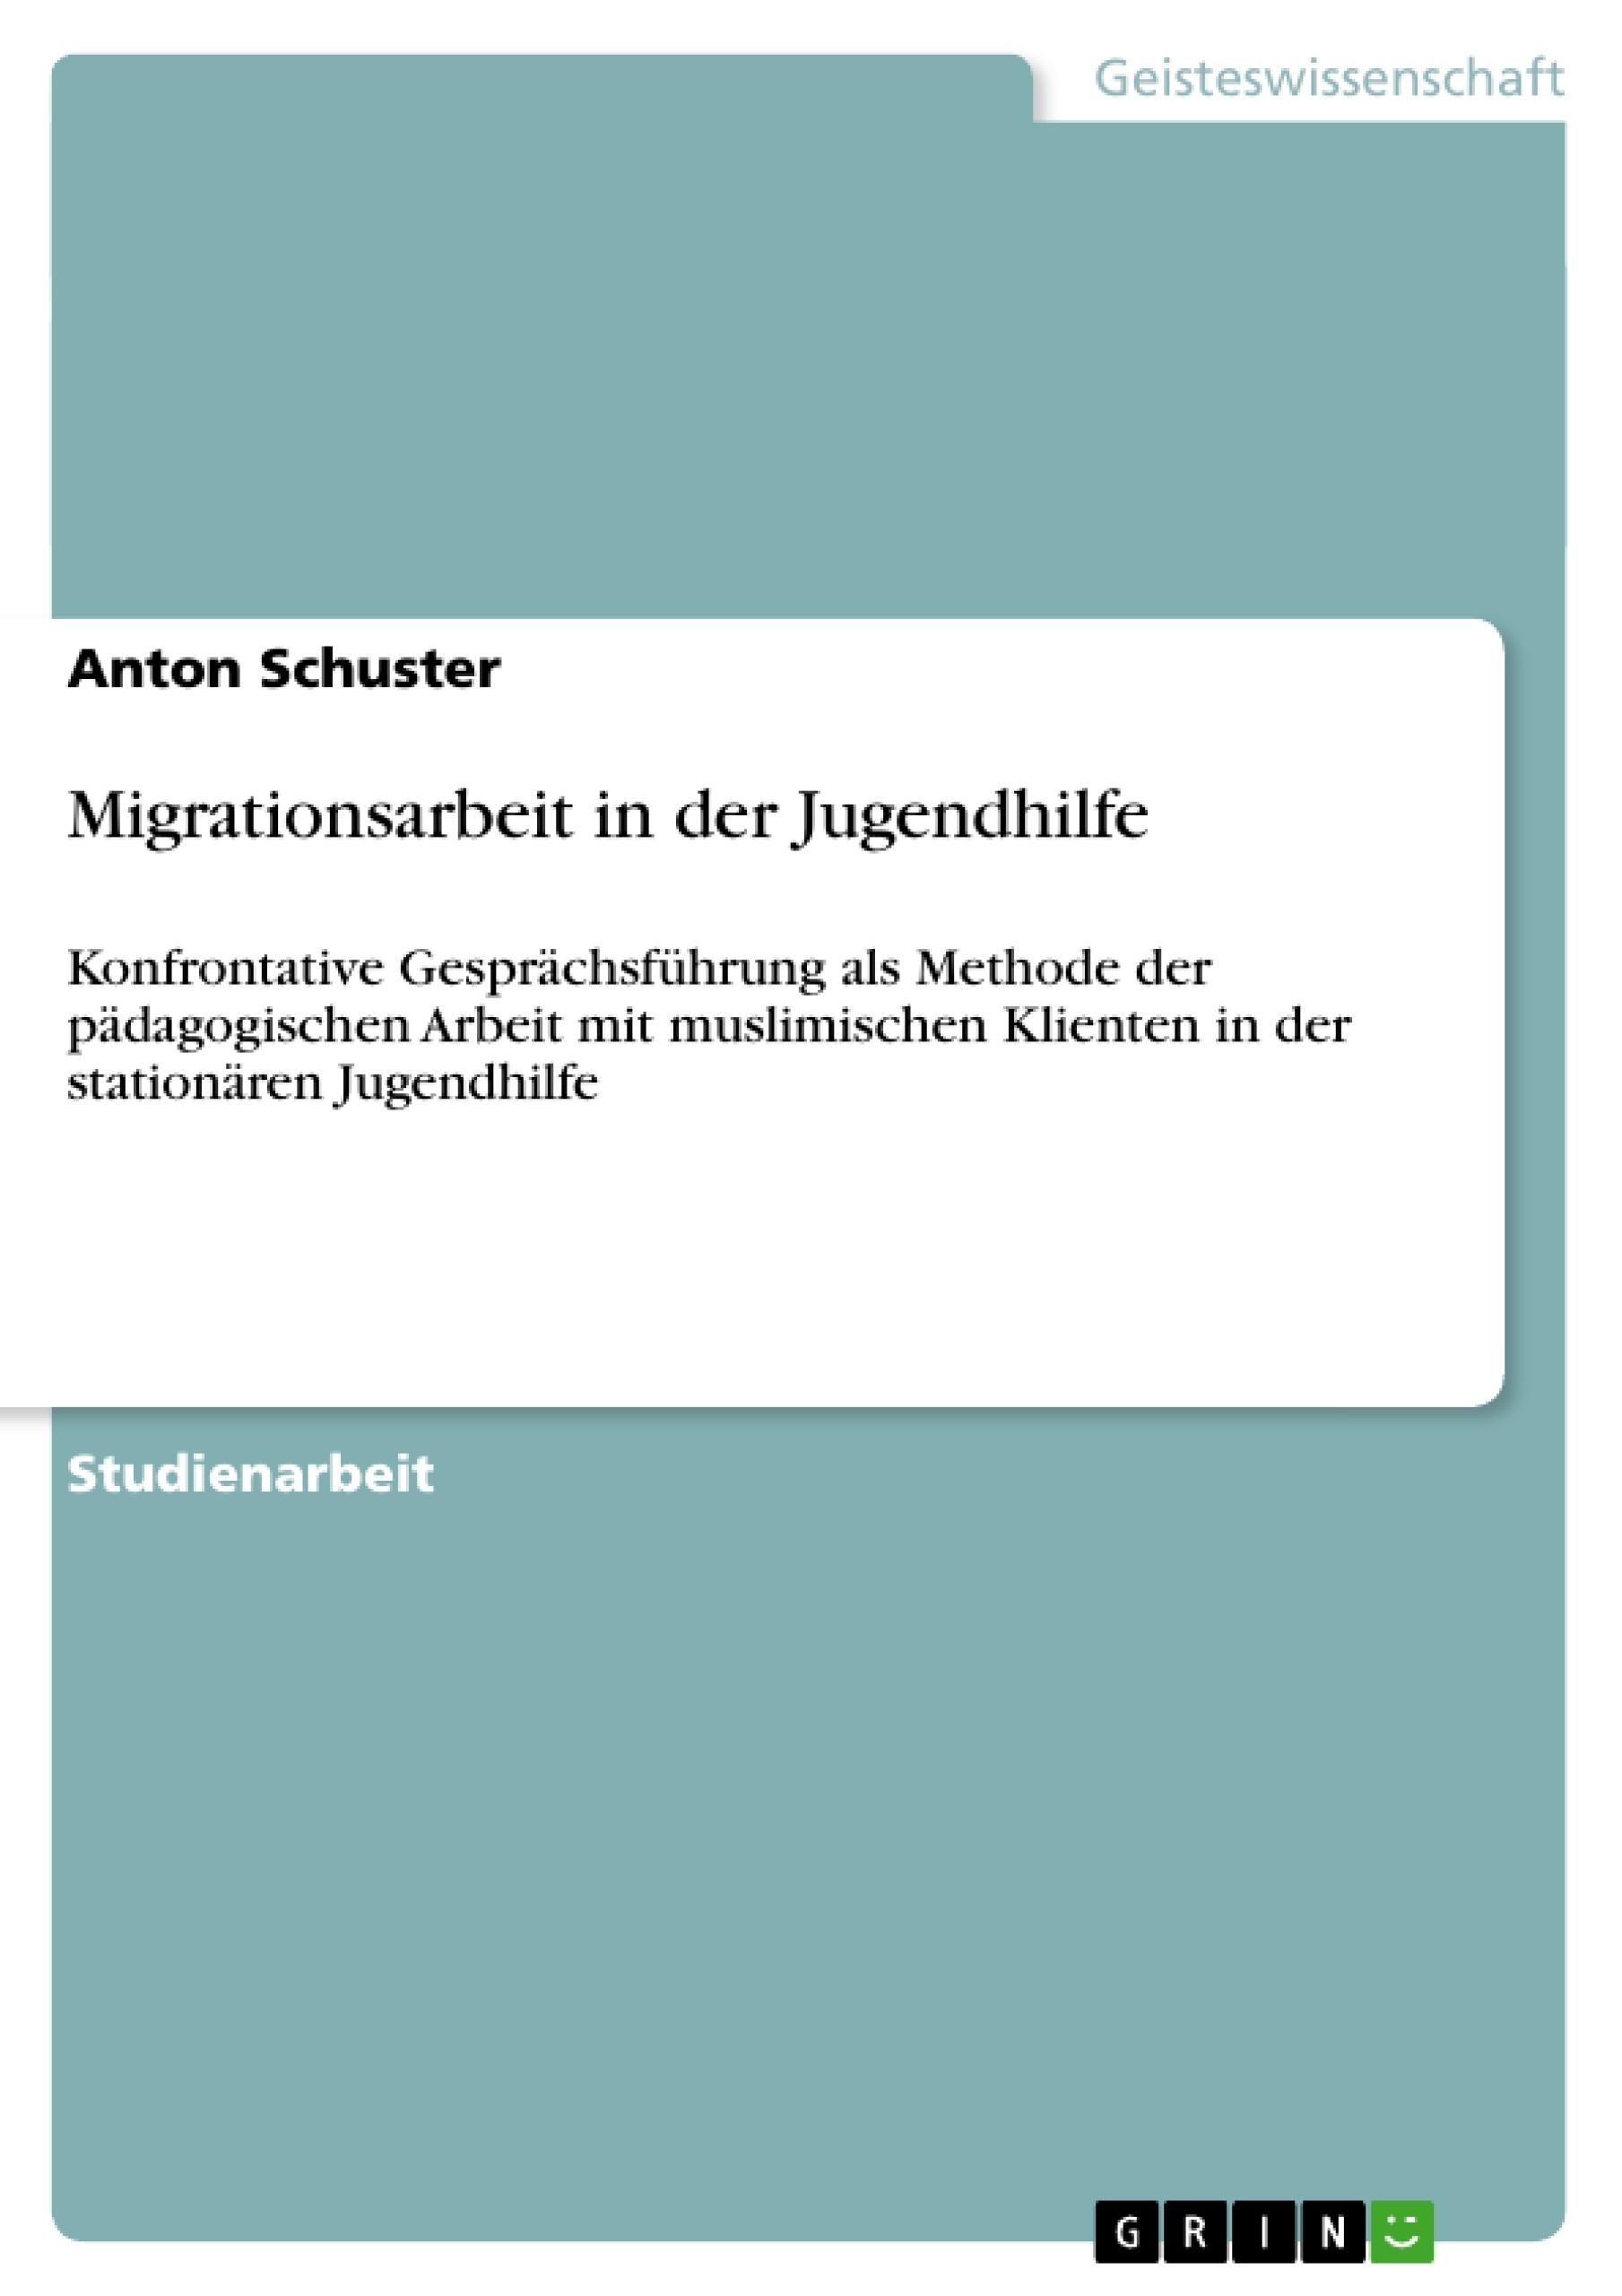 Titel: Migrationsarbeit in der Jugendhilfe